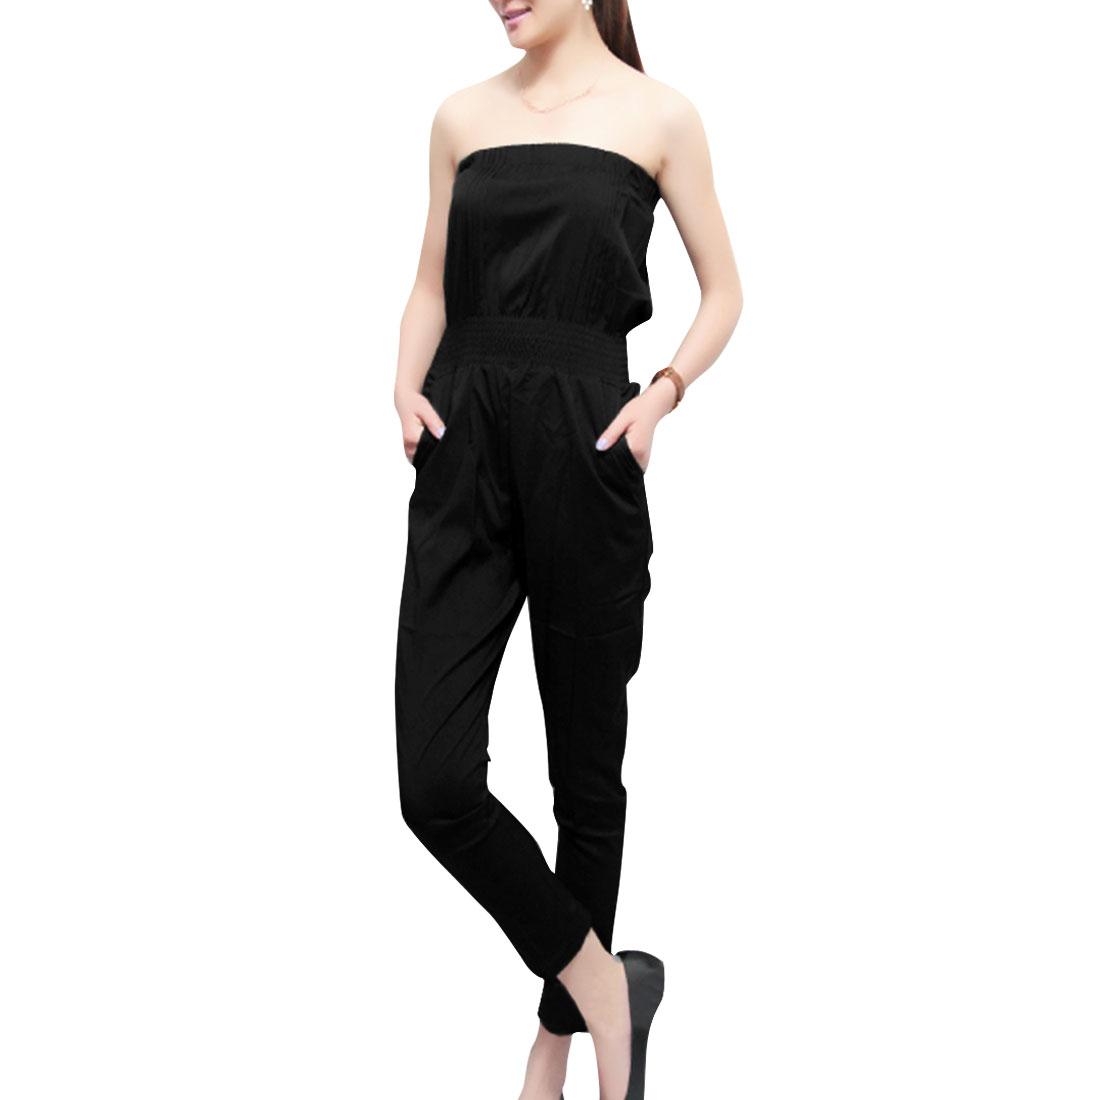 Lady Black Strapless Off-Shoulder Elastic Waist Slant Pocket Jumpsuit XS